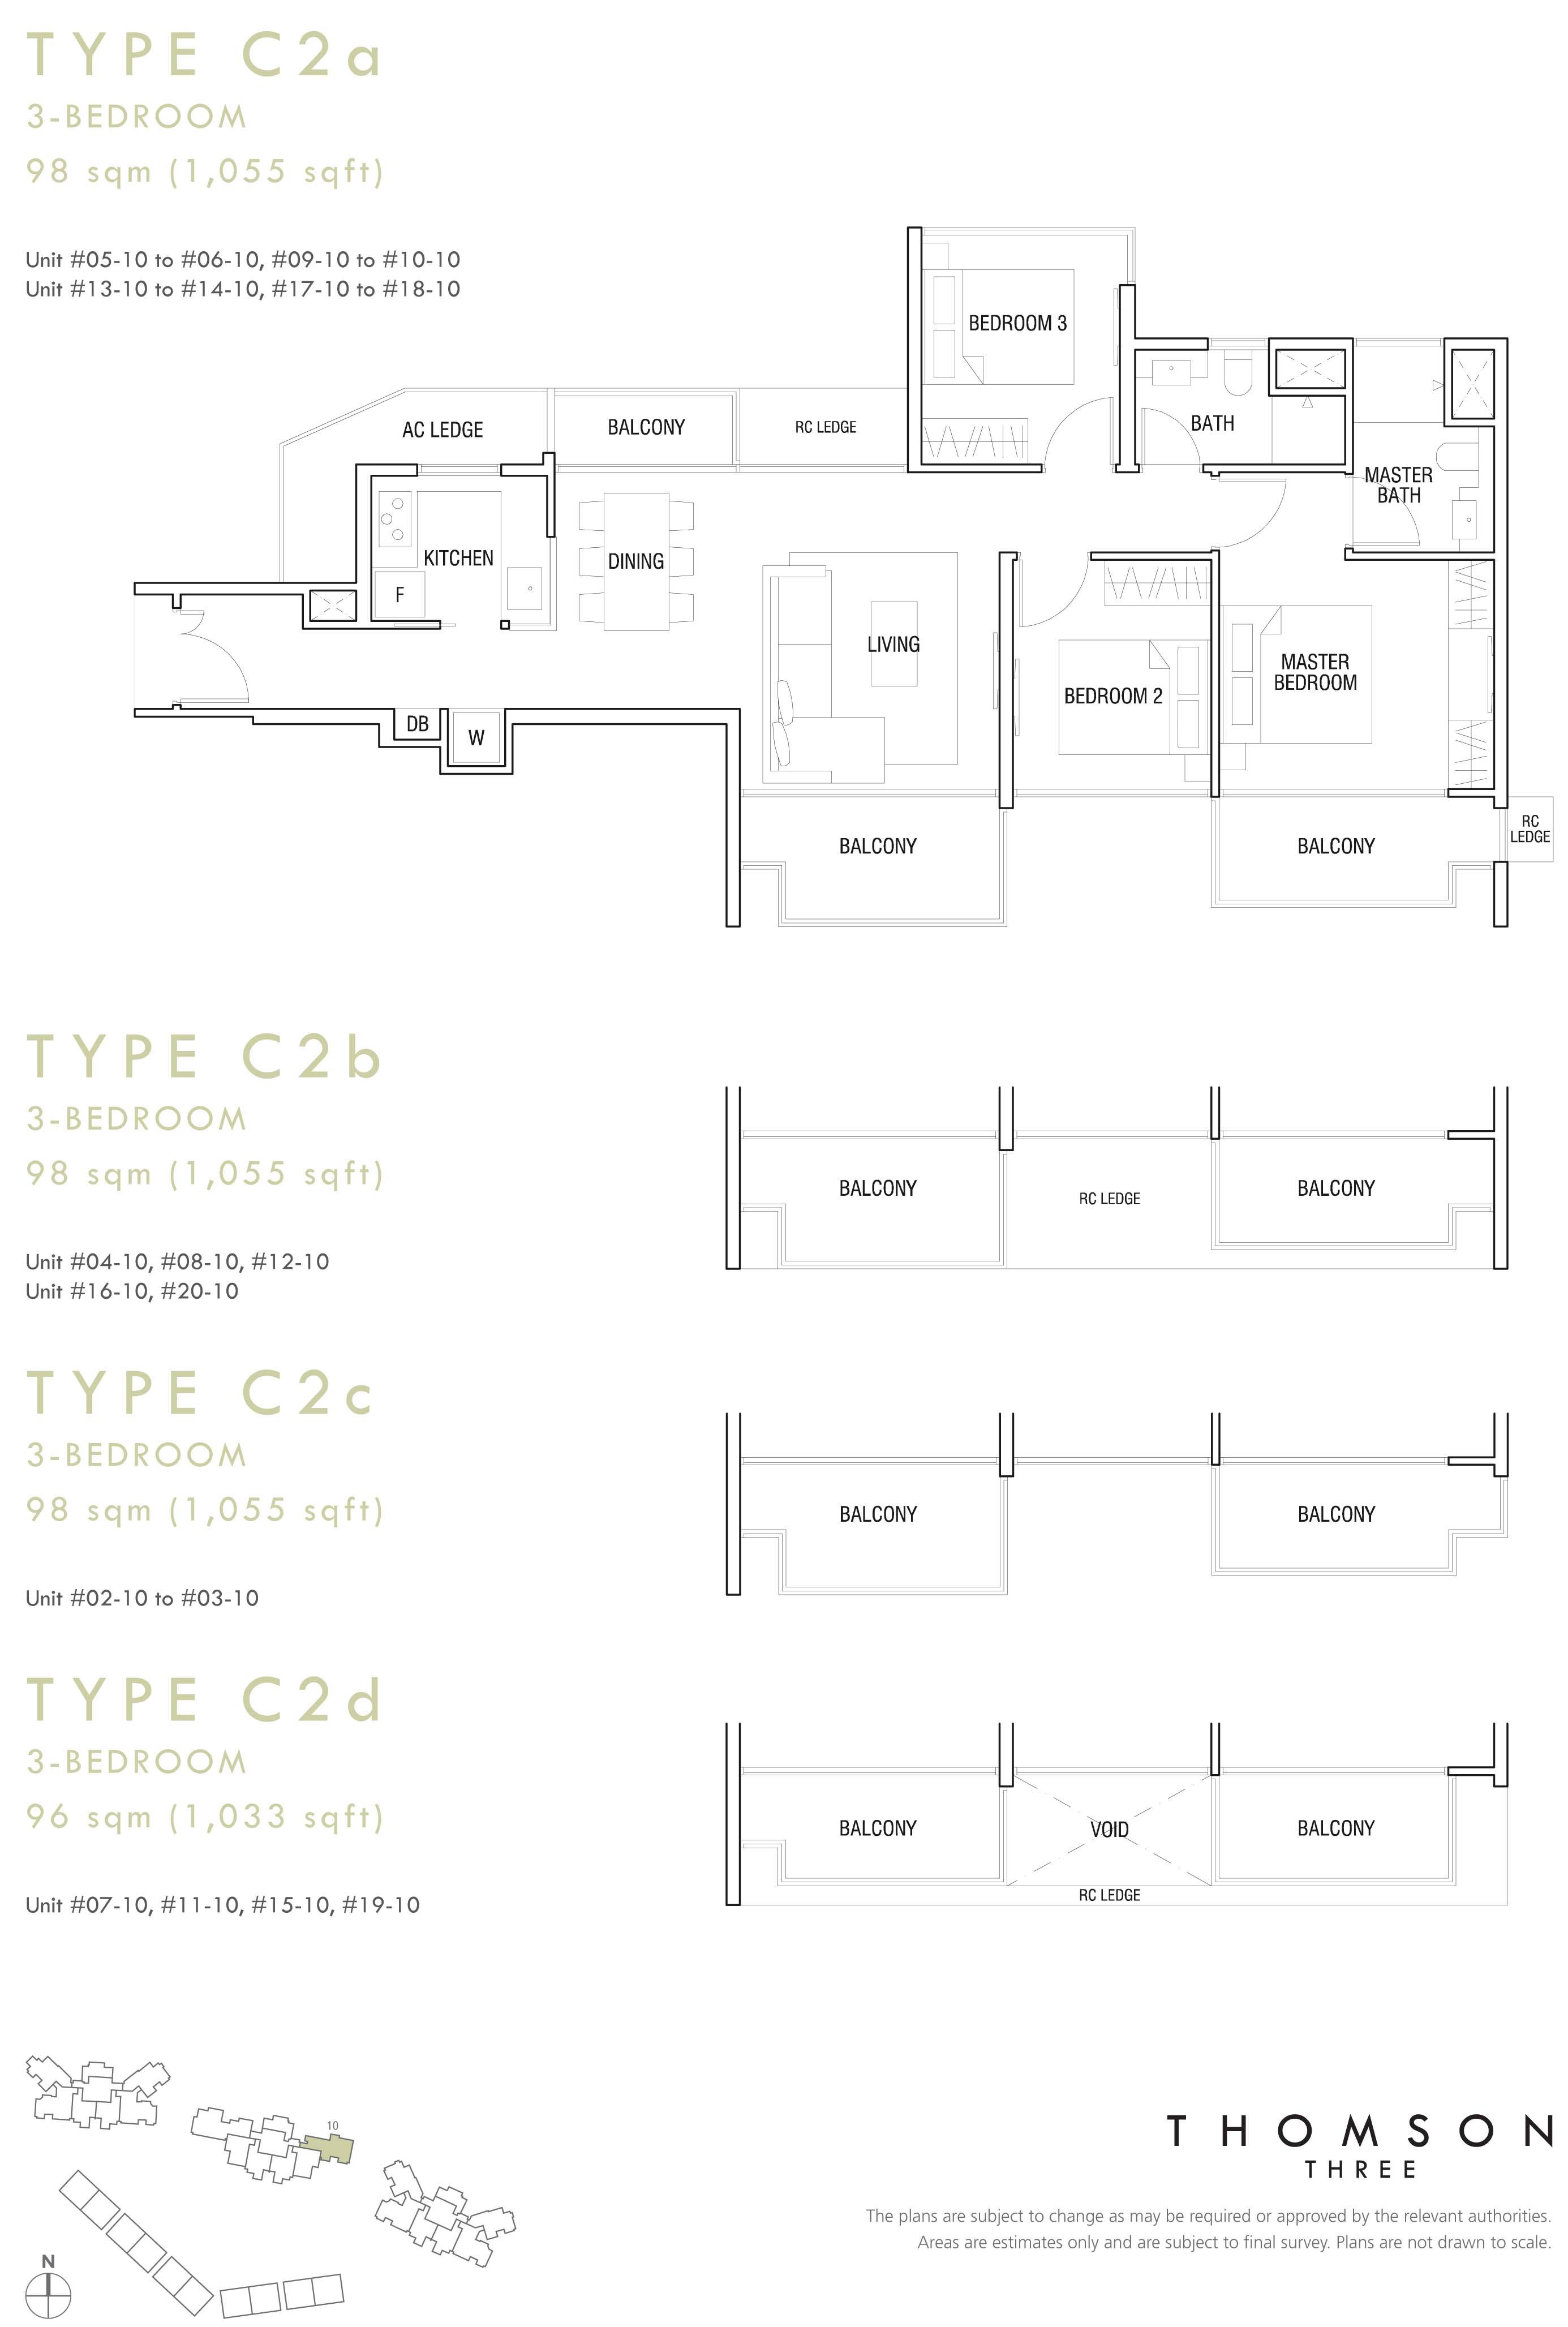 3 Br (Type C2a, C2b, C2c, C2d)